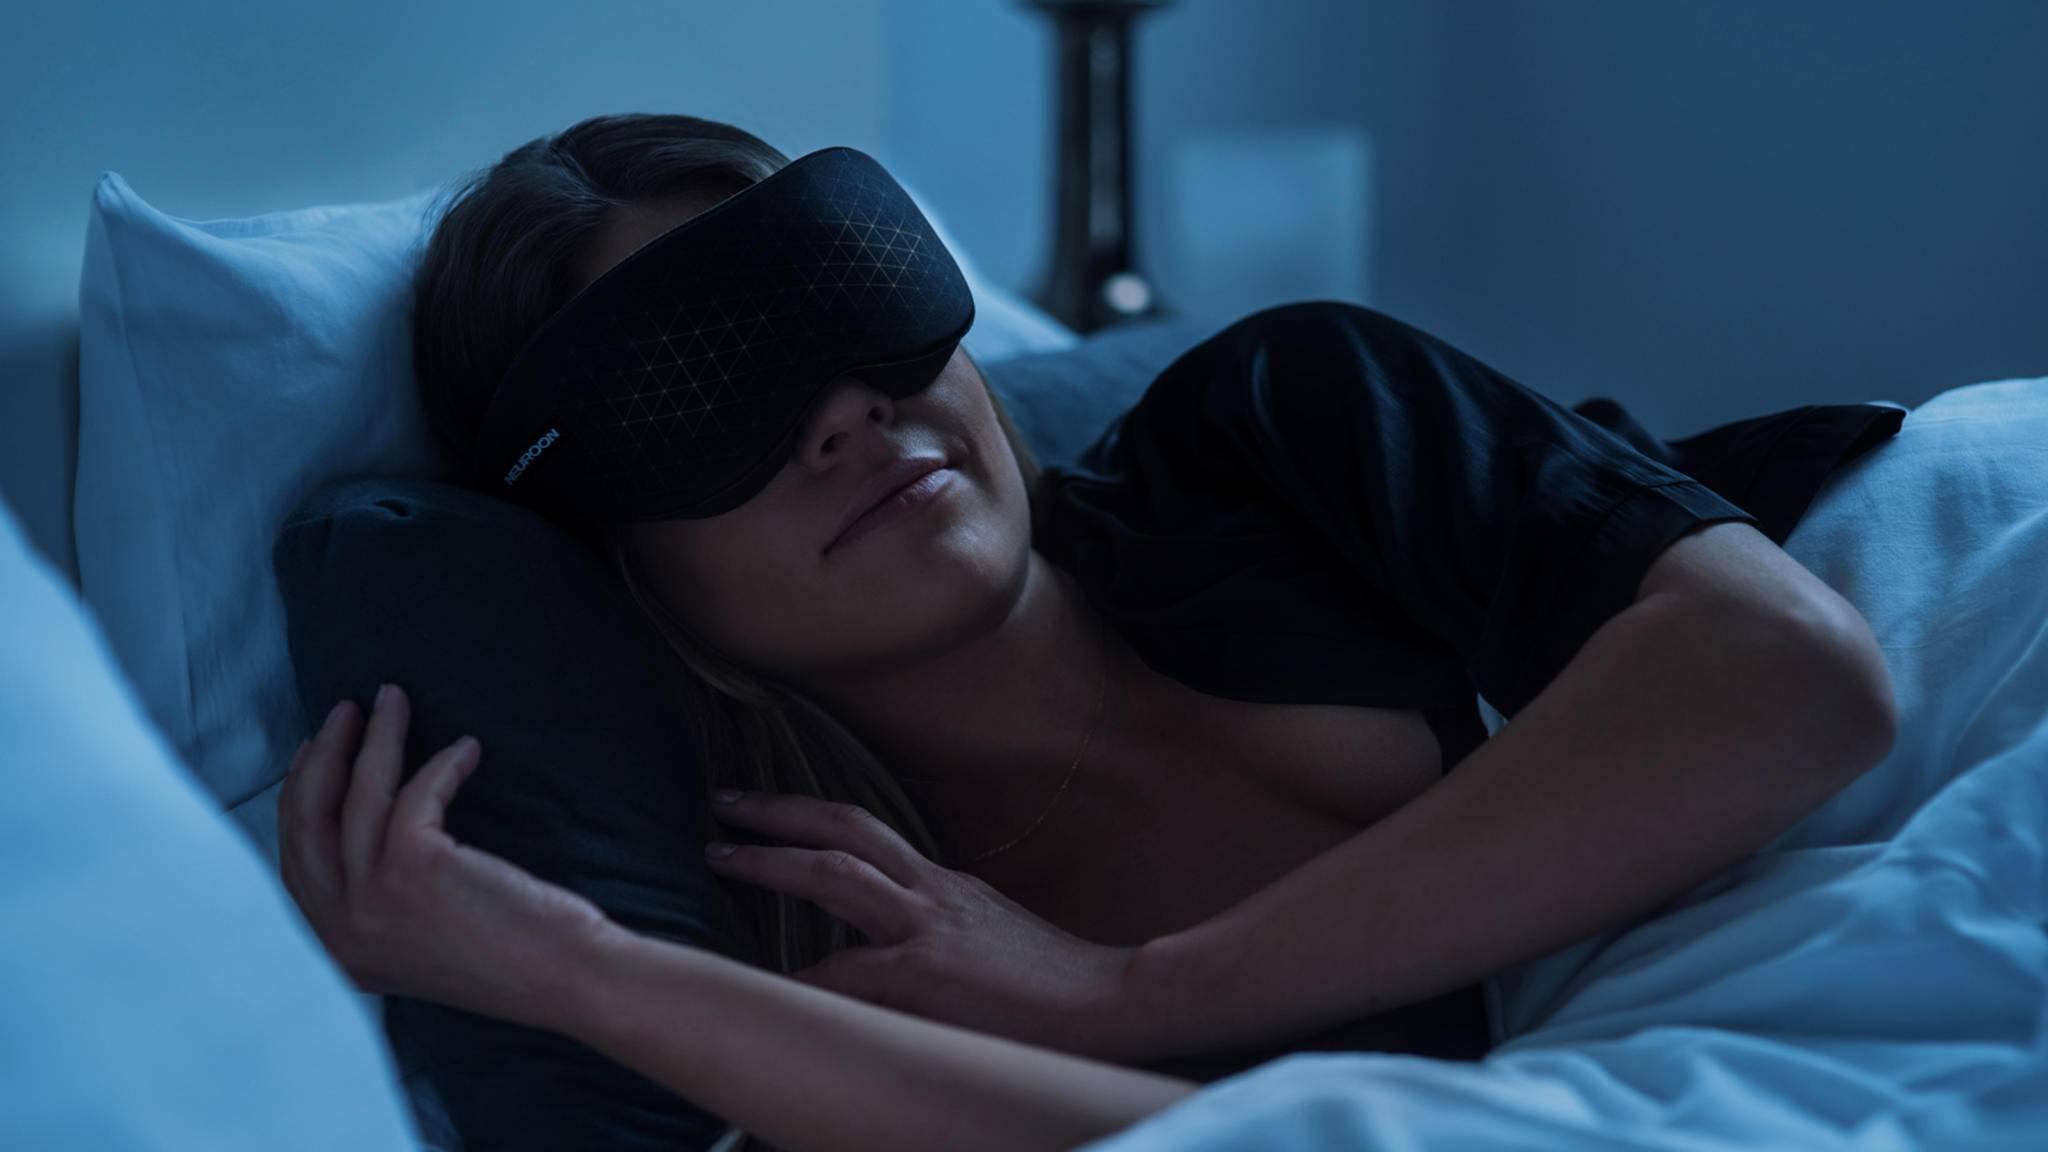 Die smarte Schlafmaske Neuroon Open soll für einen tieferen Schlaf und ein sanfteres Erwachen sorgen – und sie kann noch mehr!